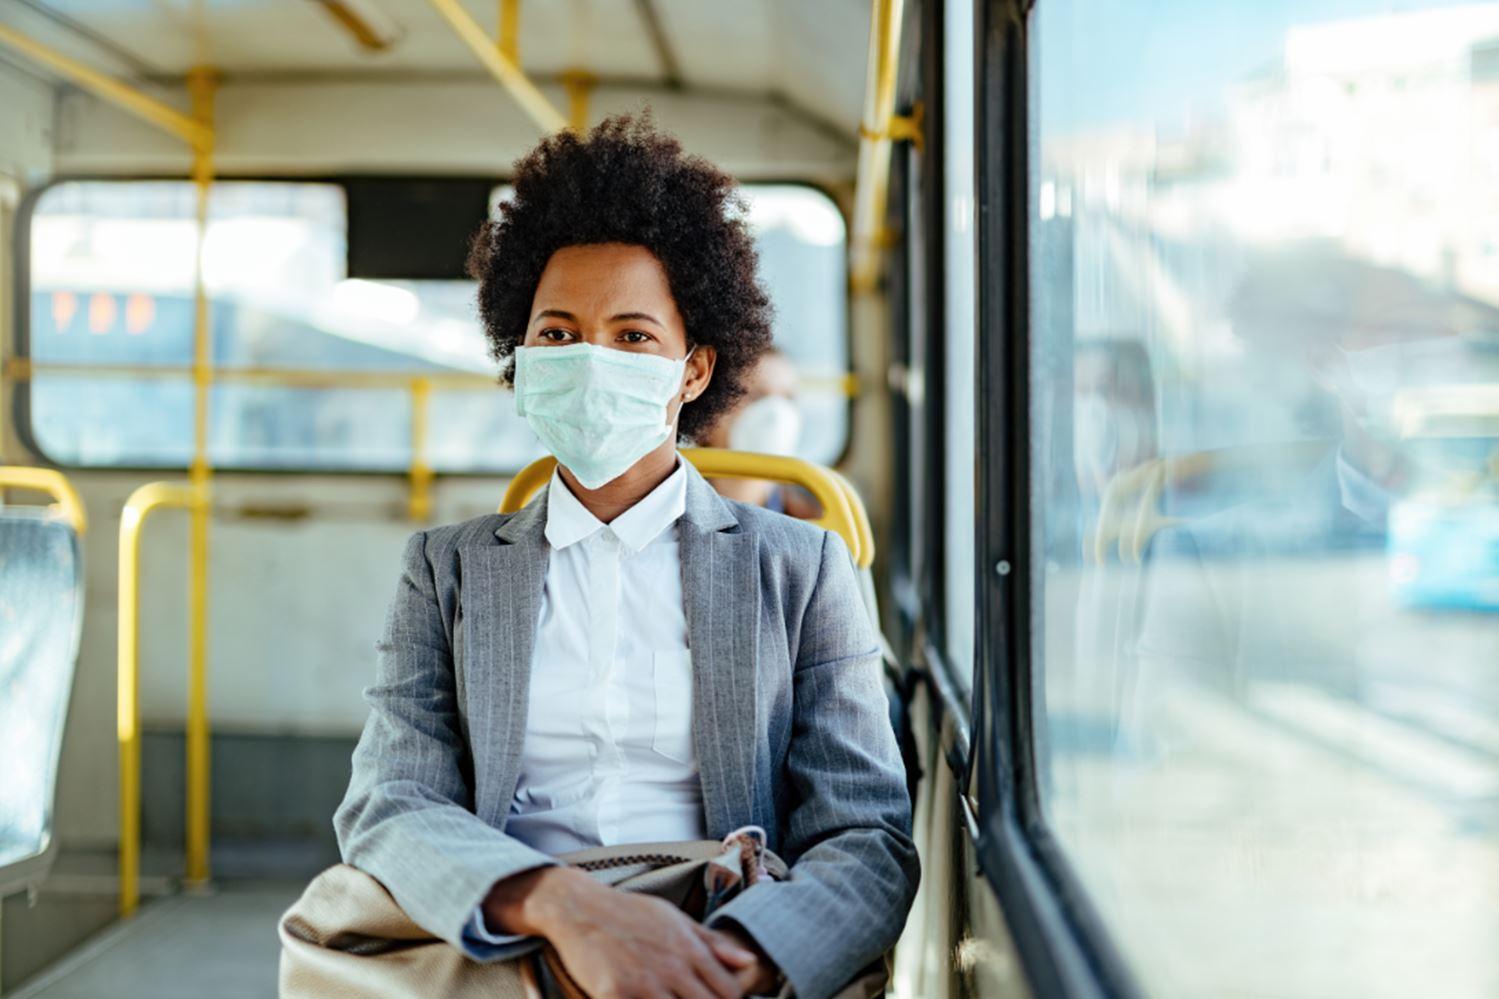 Uso de mascarilla en autobuses